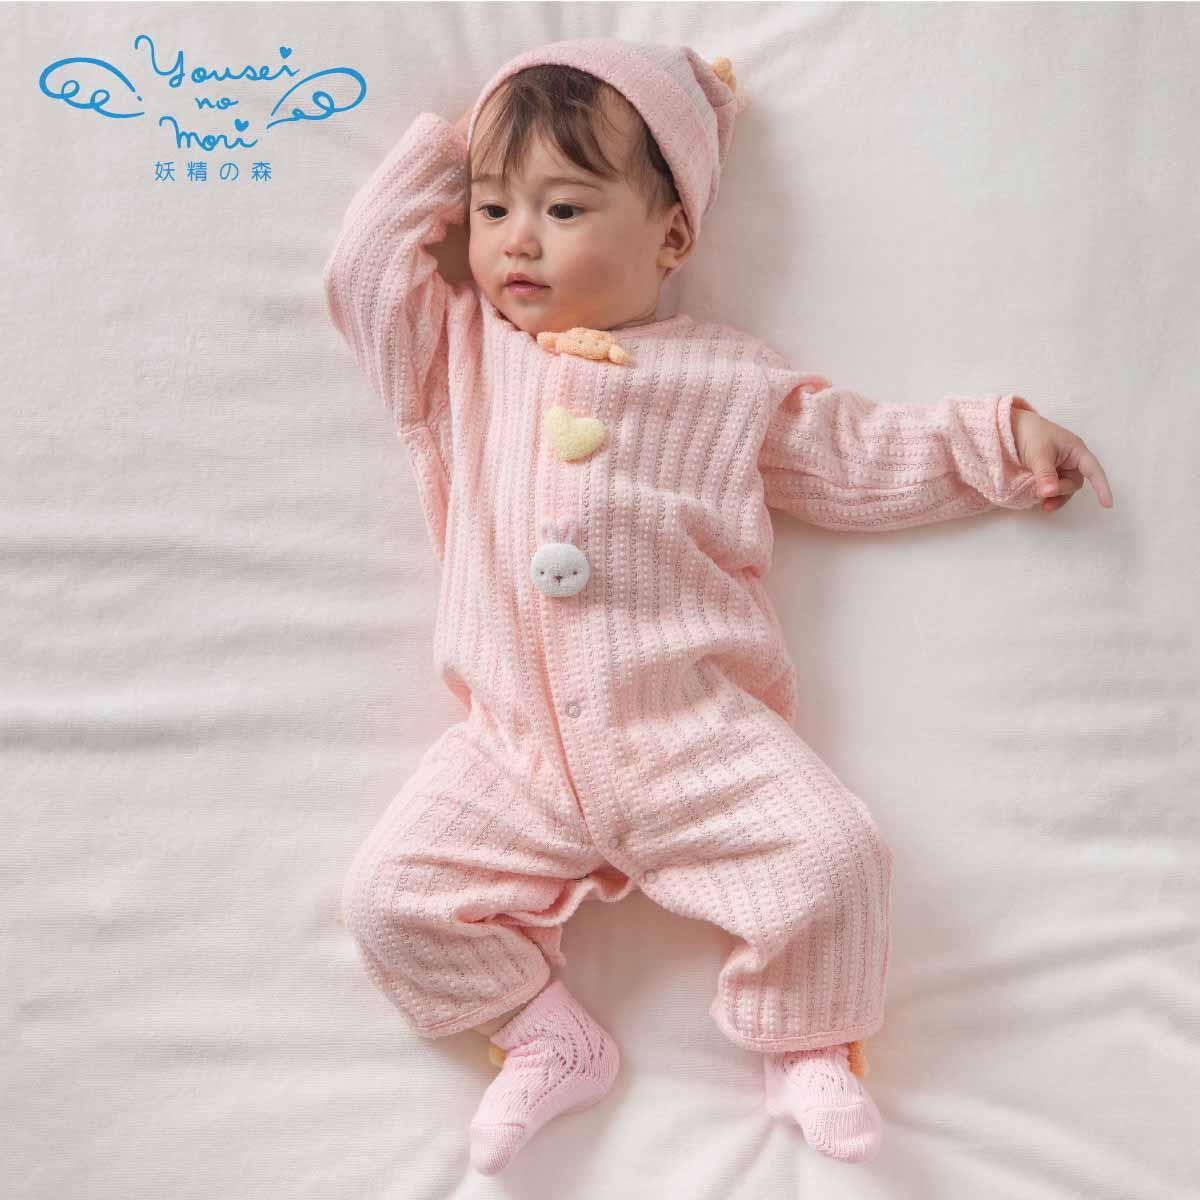 動物モチーフの兼用ドレス(ゾウ・プードル) YH191/YH192(ベビー服)